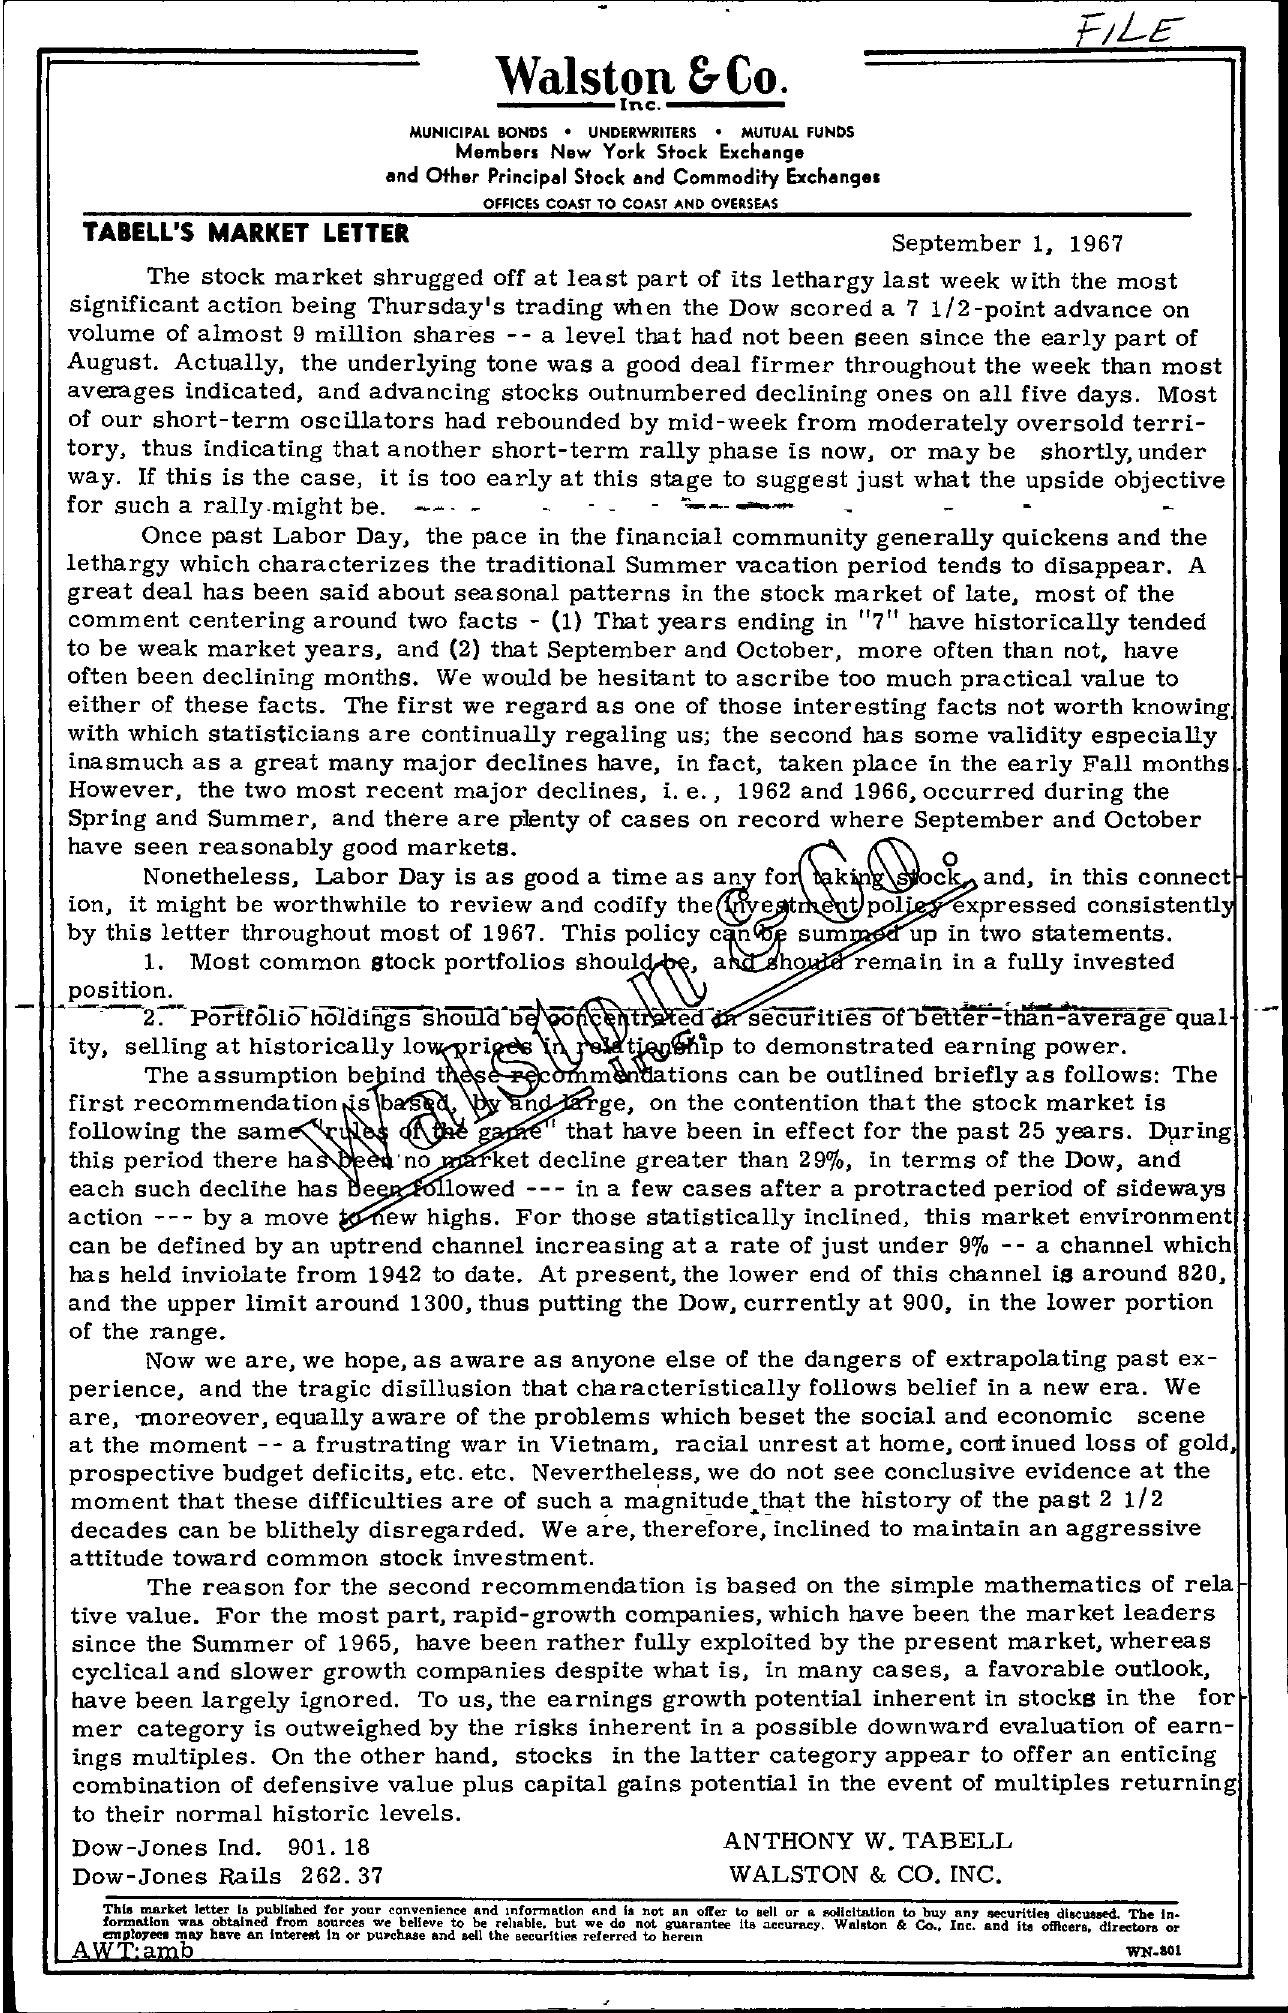 Tabell's Market Letter - September 01, 1967